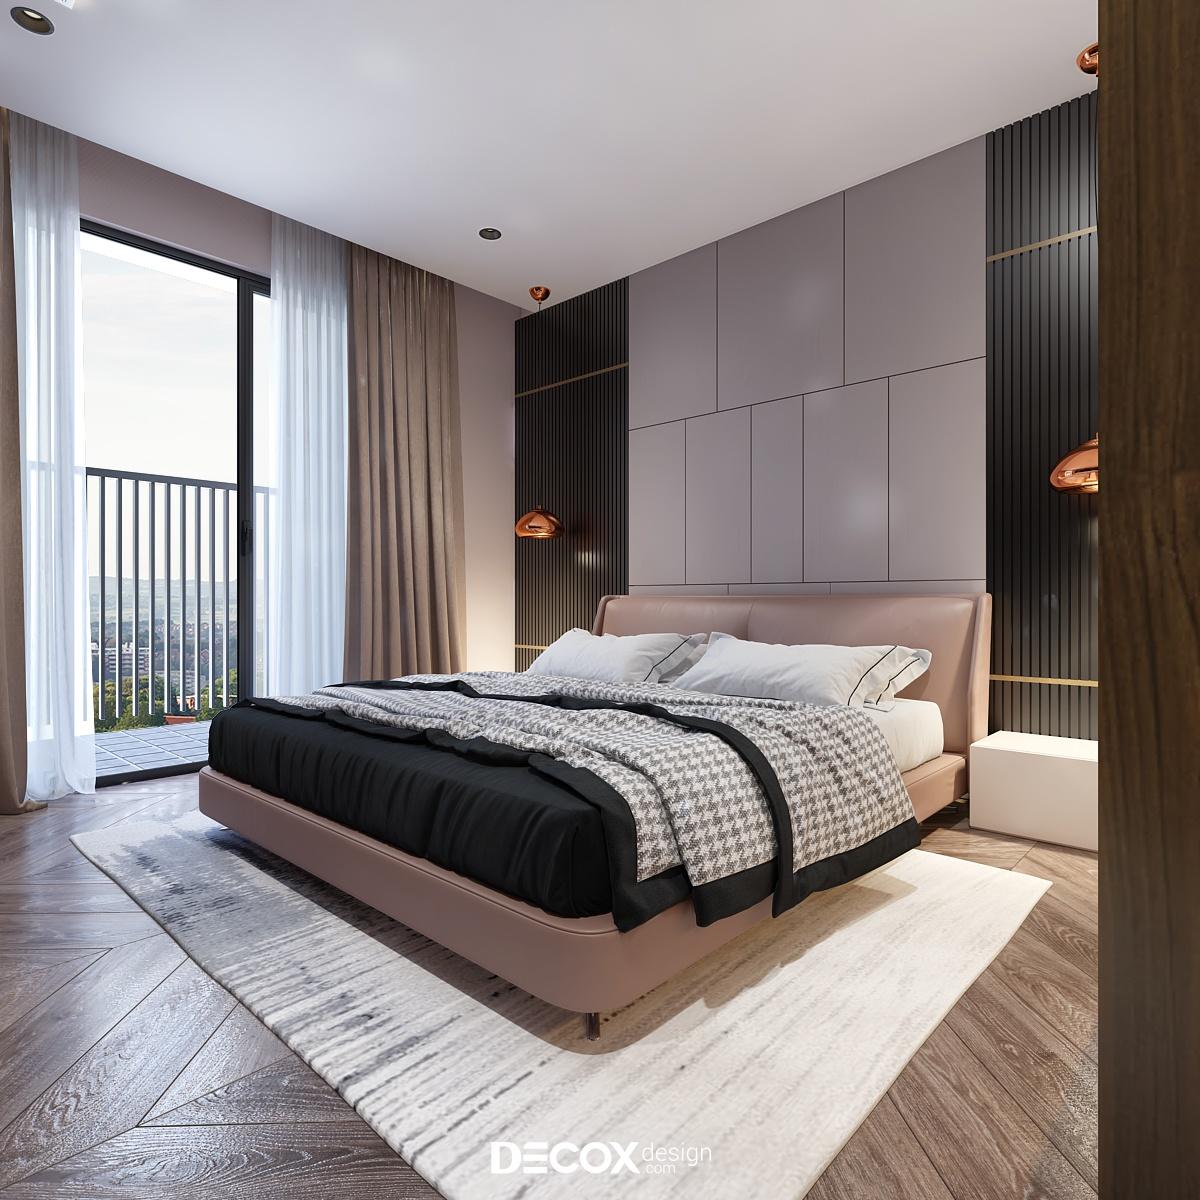 30 cách trang trí đầu giường tạo thêm điểm nhấn cho phòng ngủ